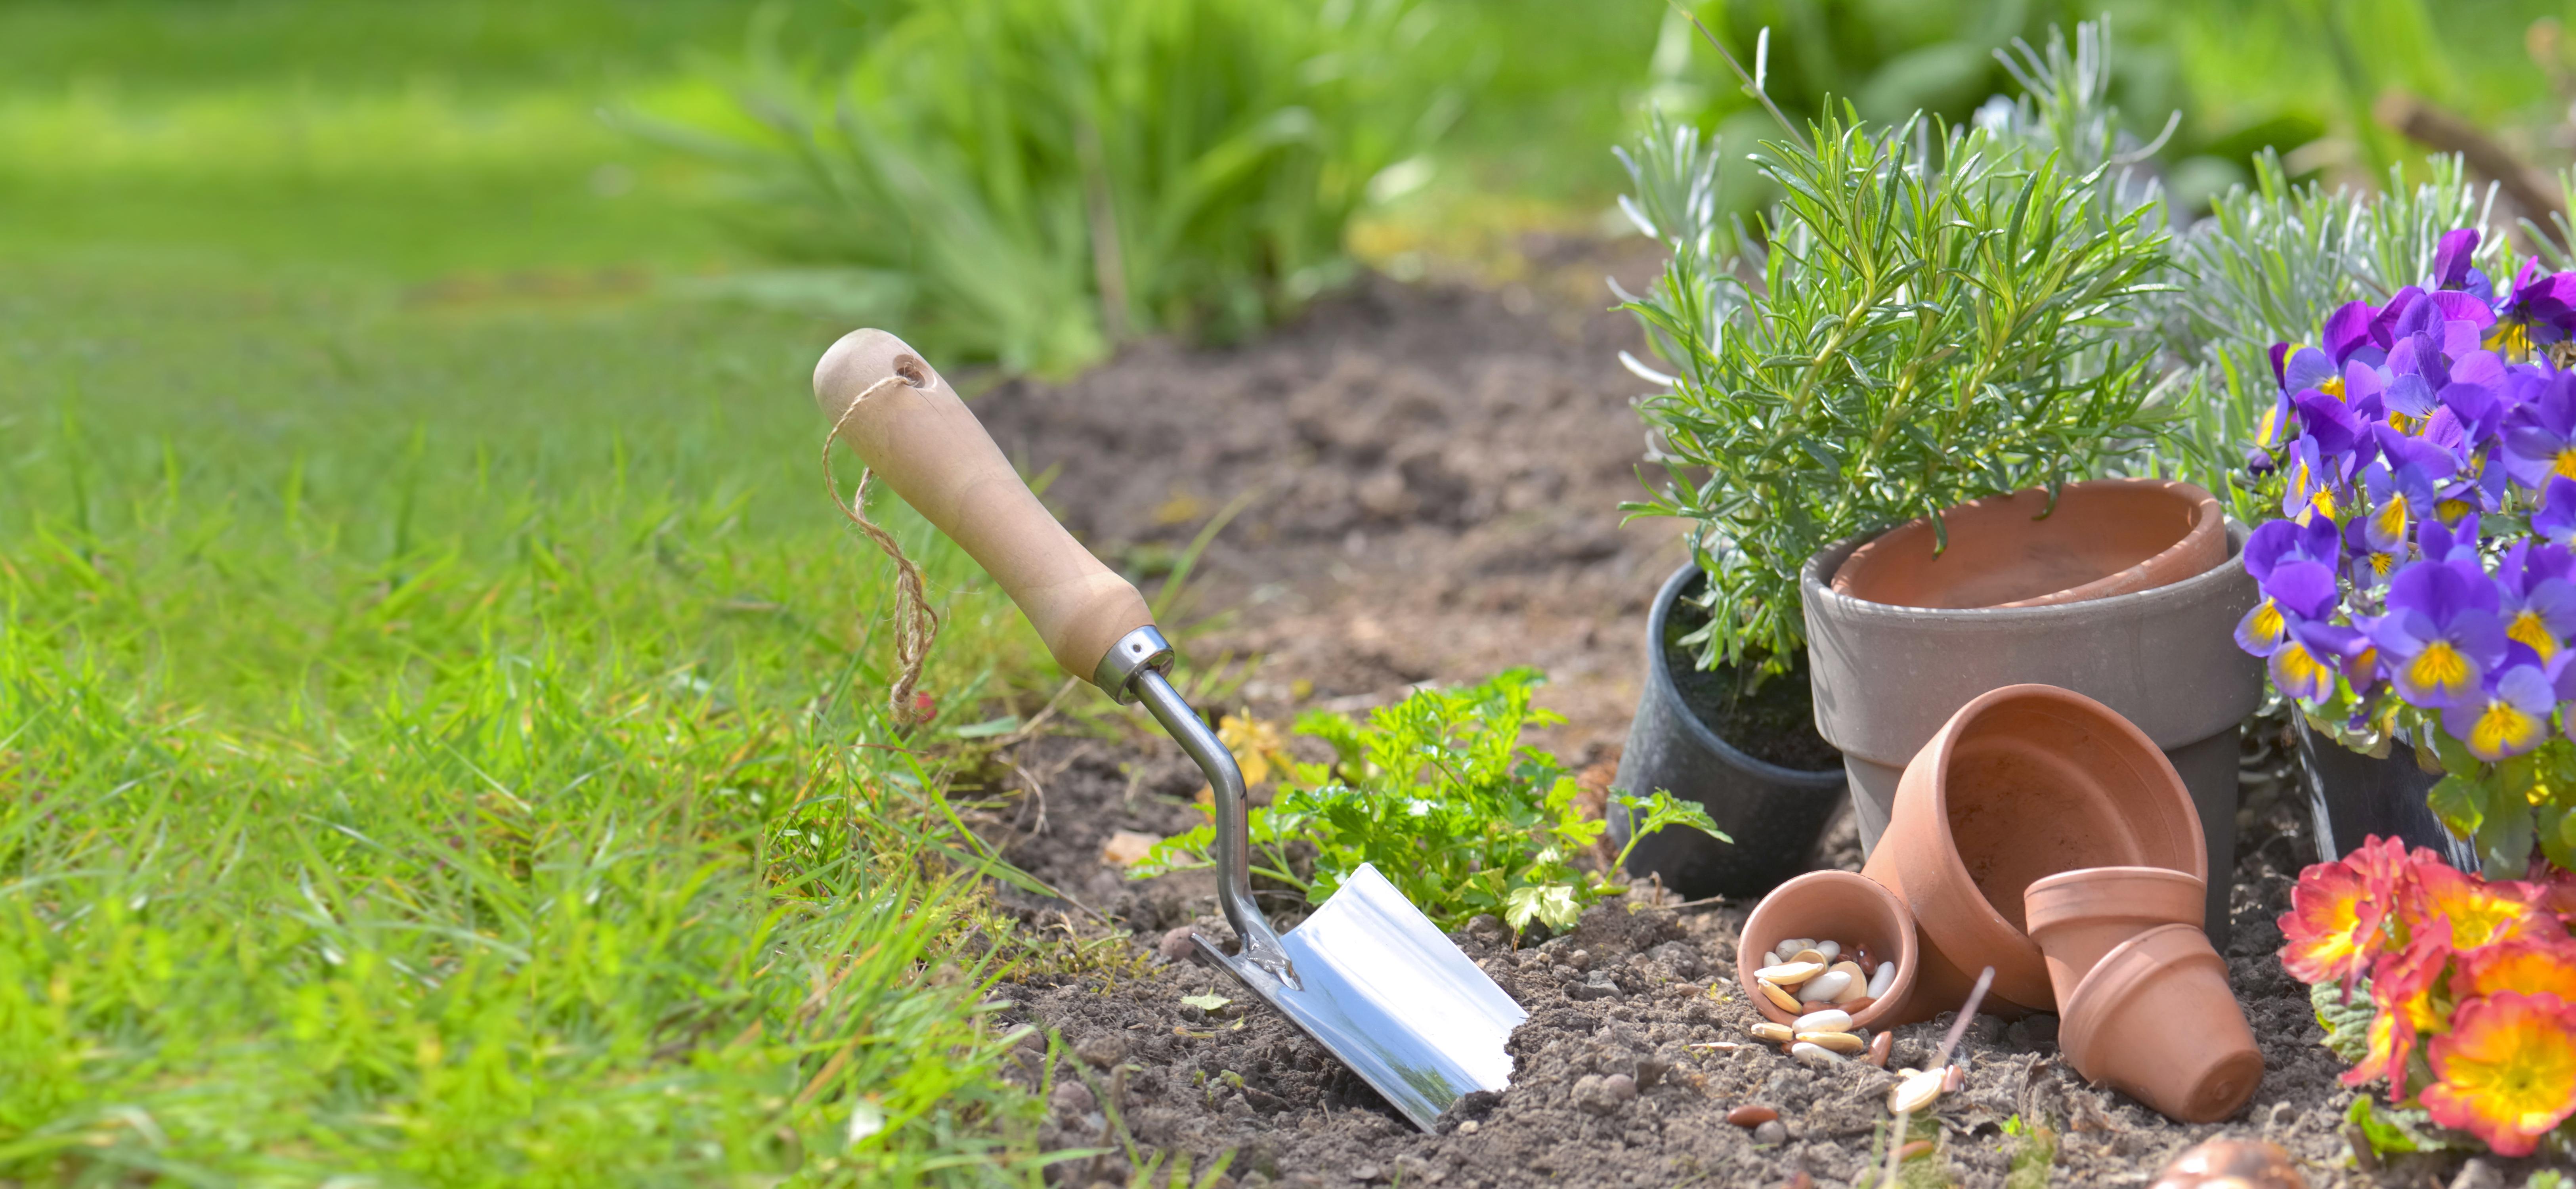 pelle outil qui peut attirer l'attention jardin